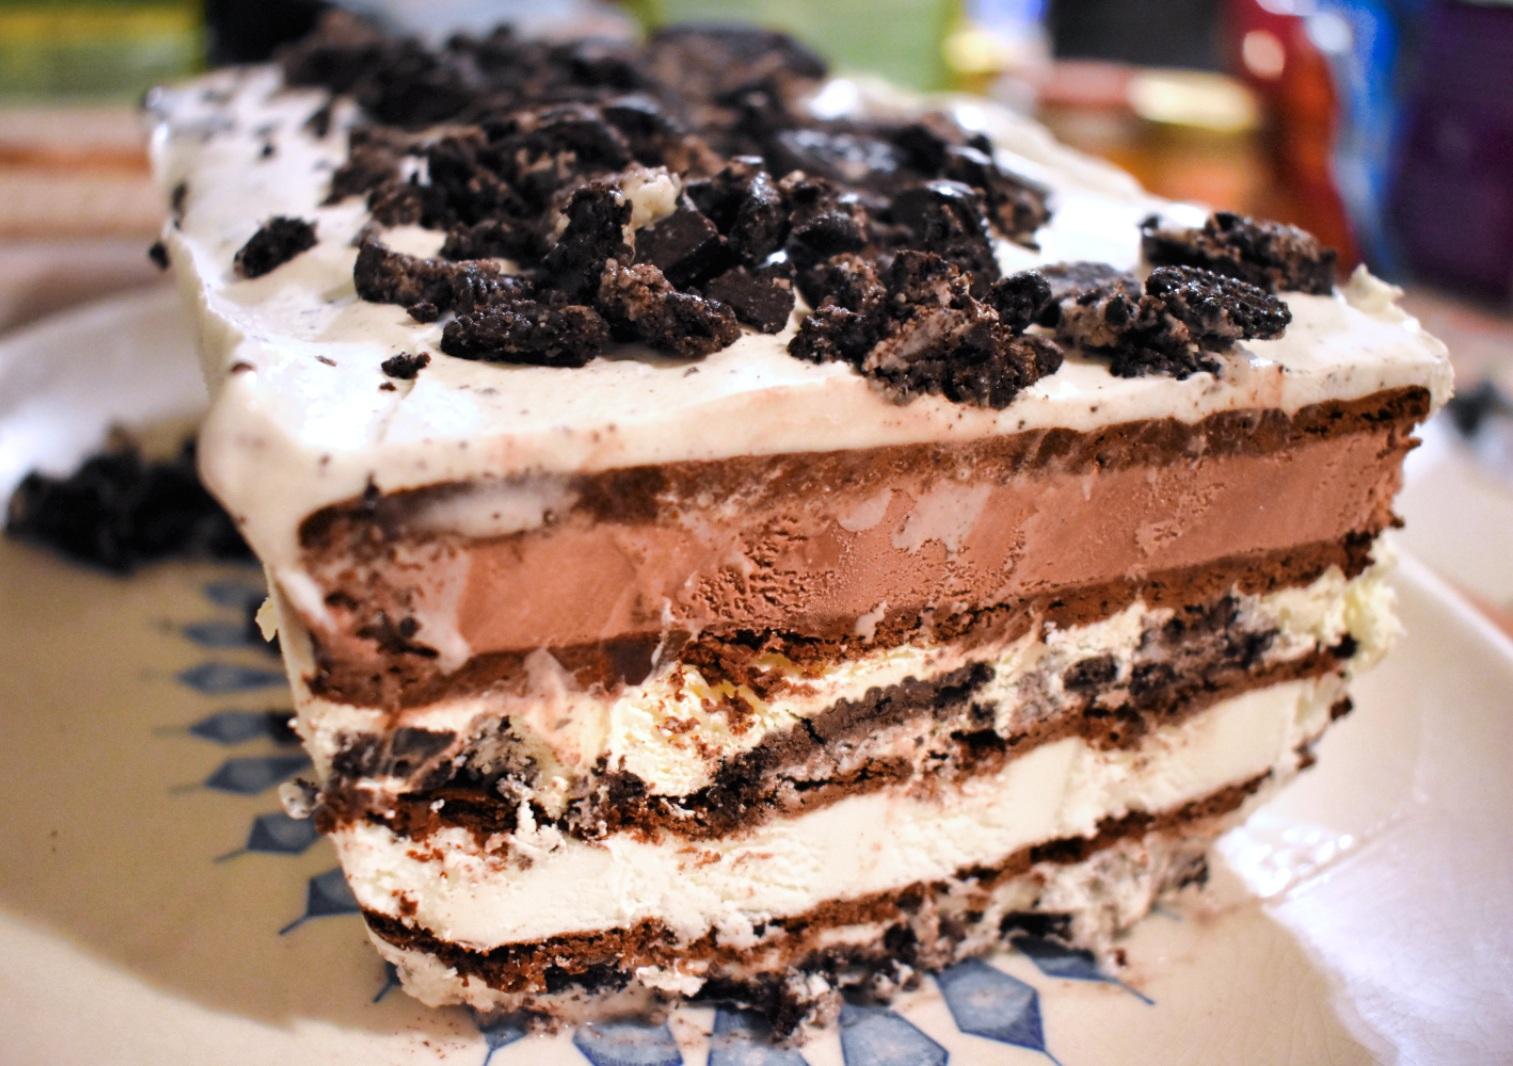 Gâteau à la crème glacée express - Auboutdelalangue.com (7)